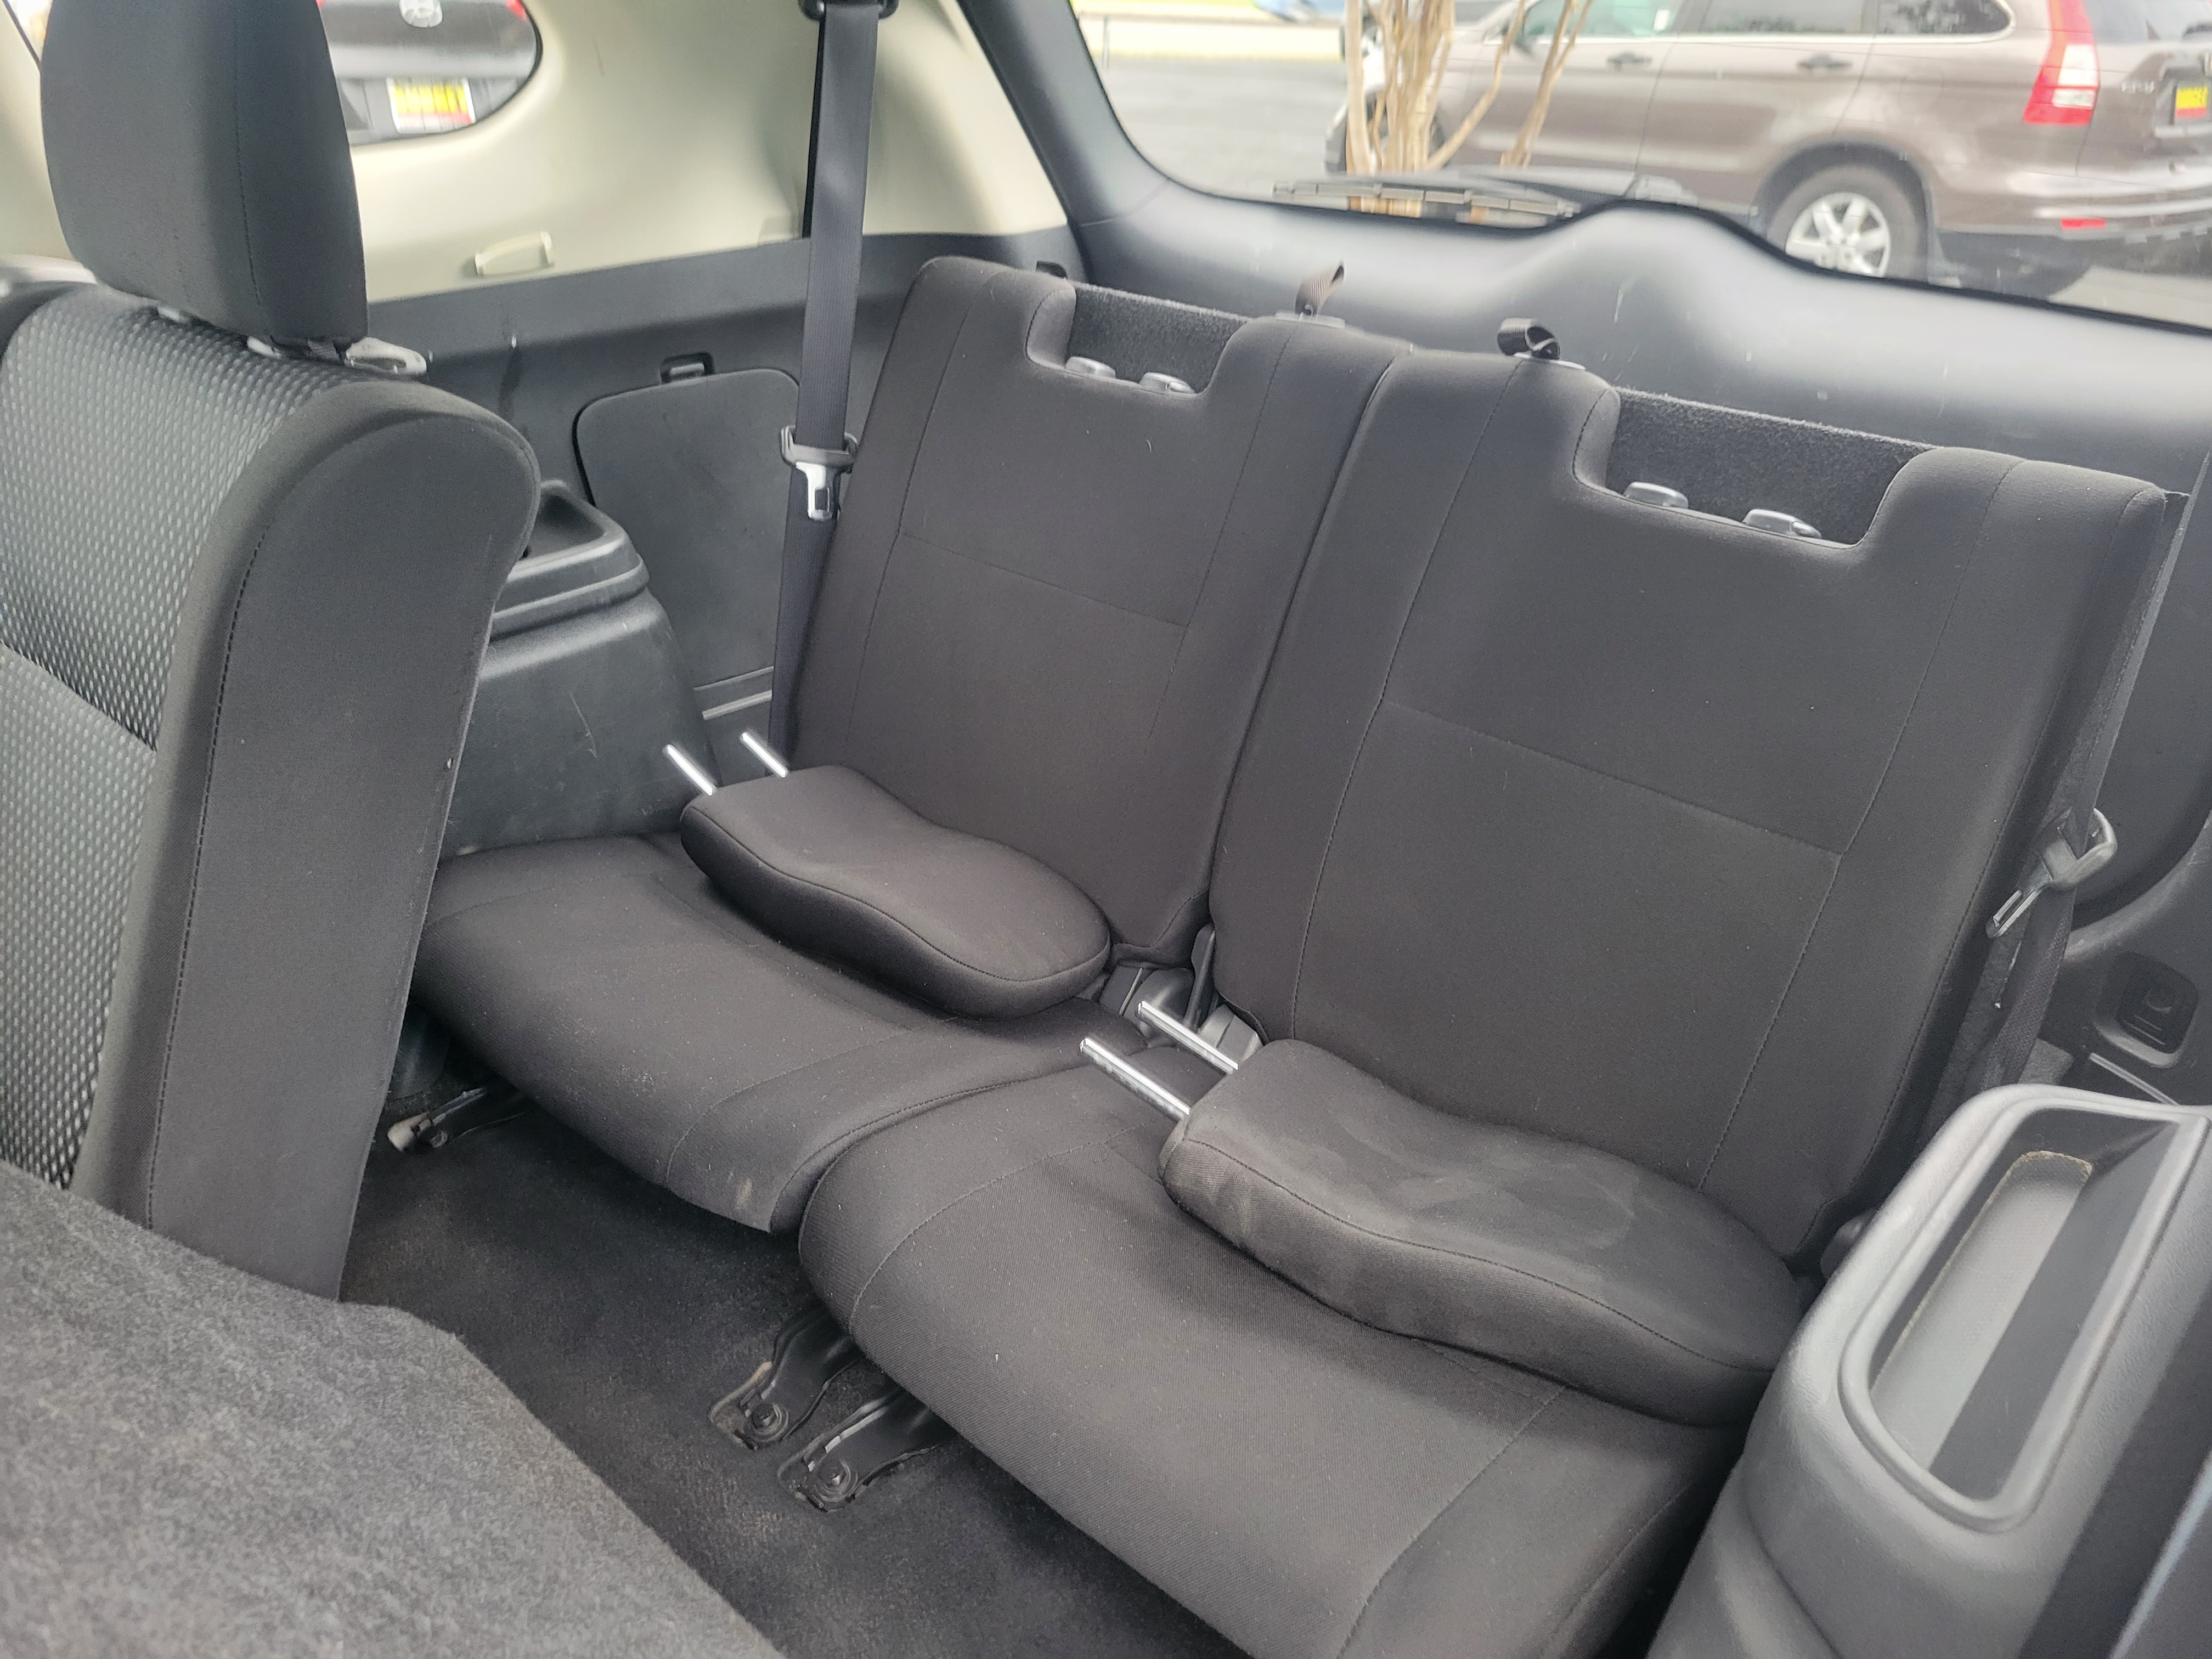 used vehicle - SUV MITSUBISHI OUTLANDER 2017